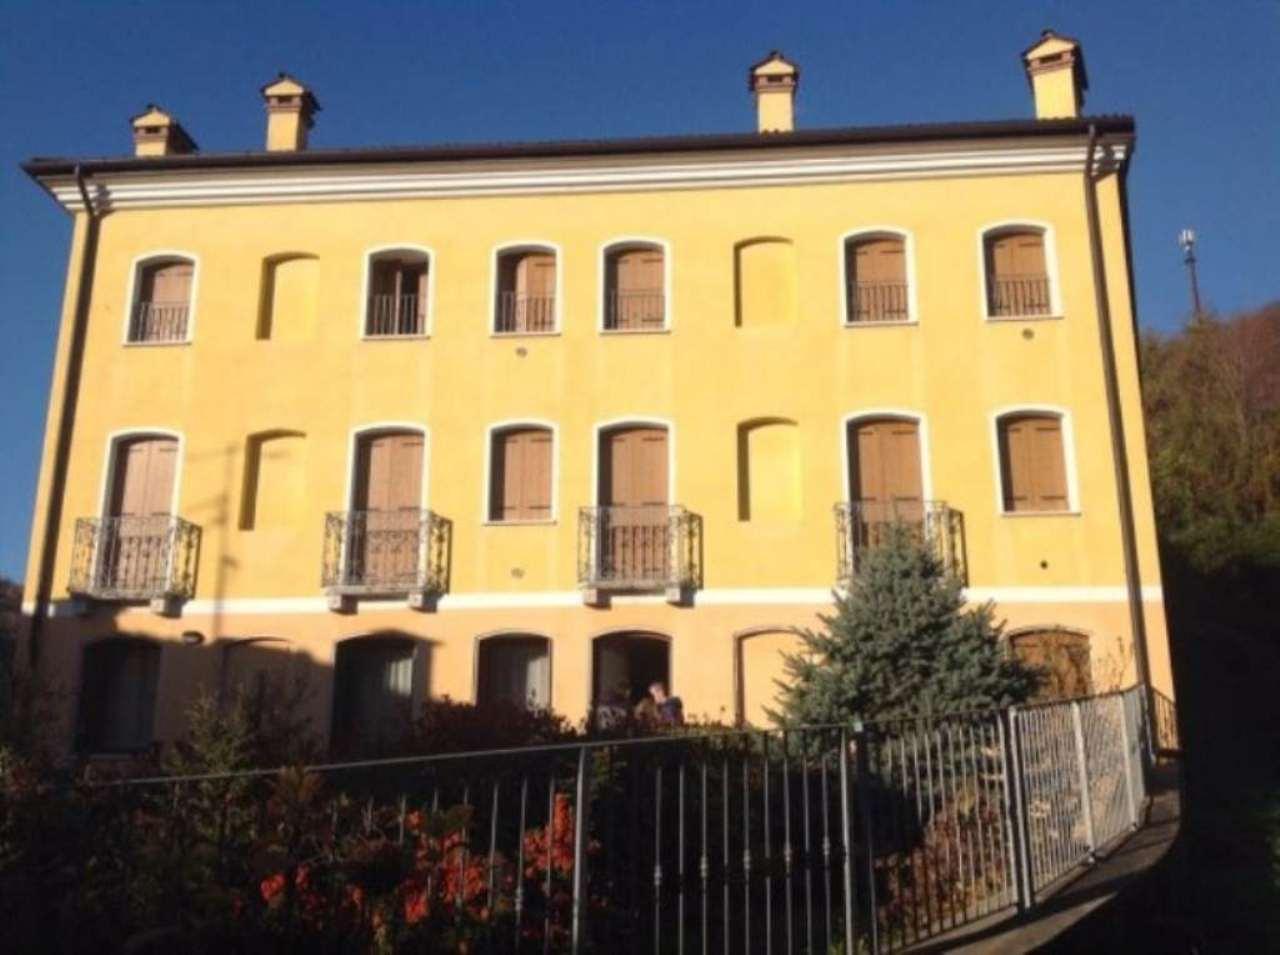 Appartamento in vendita a Valli del Pasubio, 3 locali, prezzo € 27.000 | Cambio Casa.it